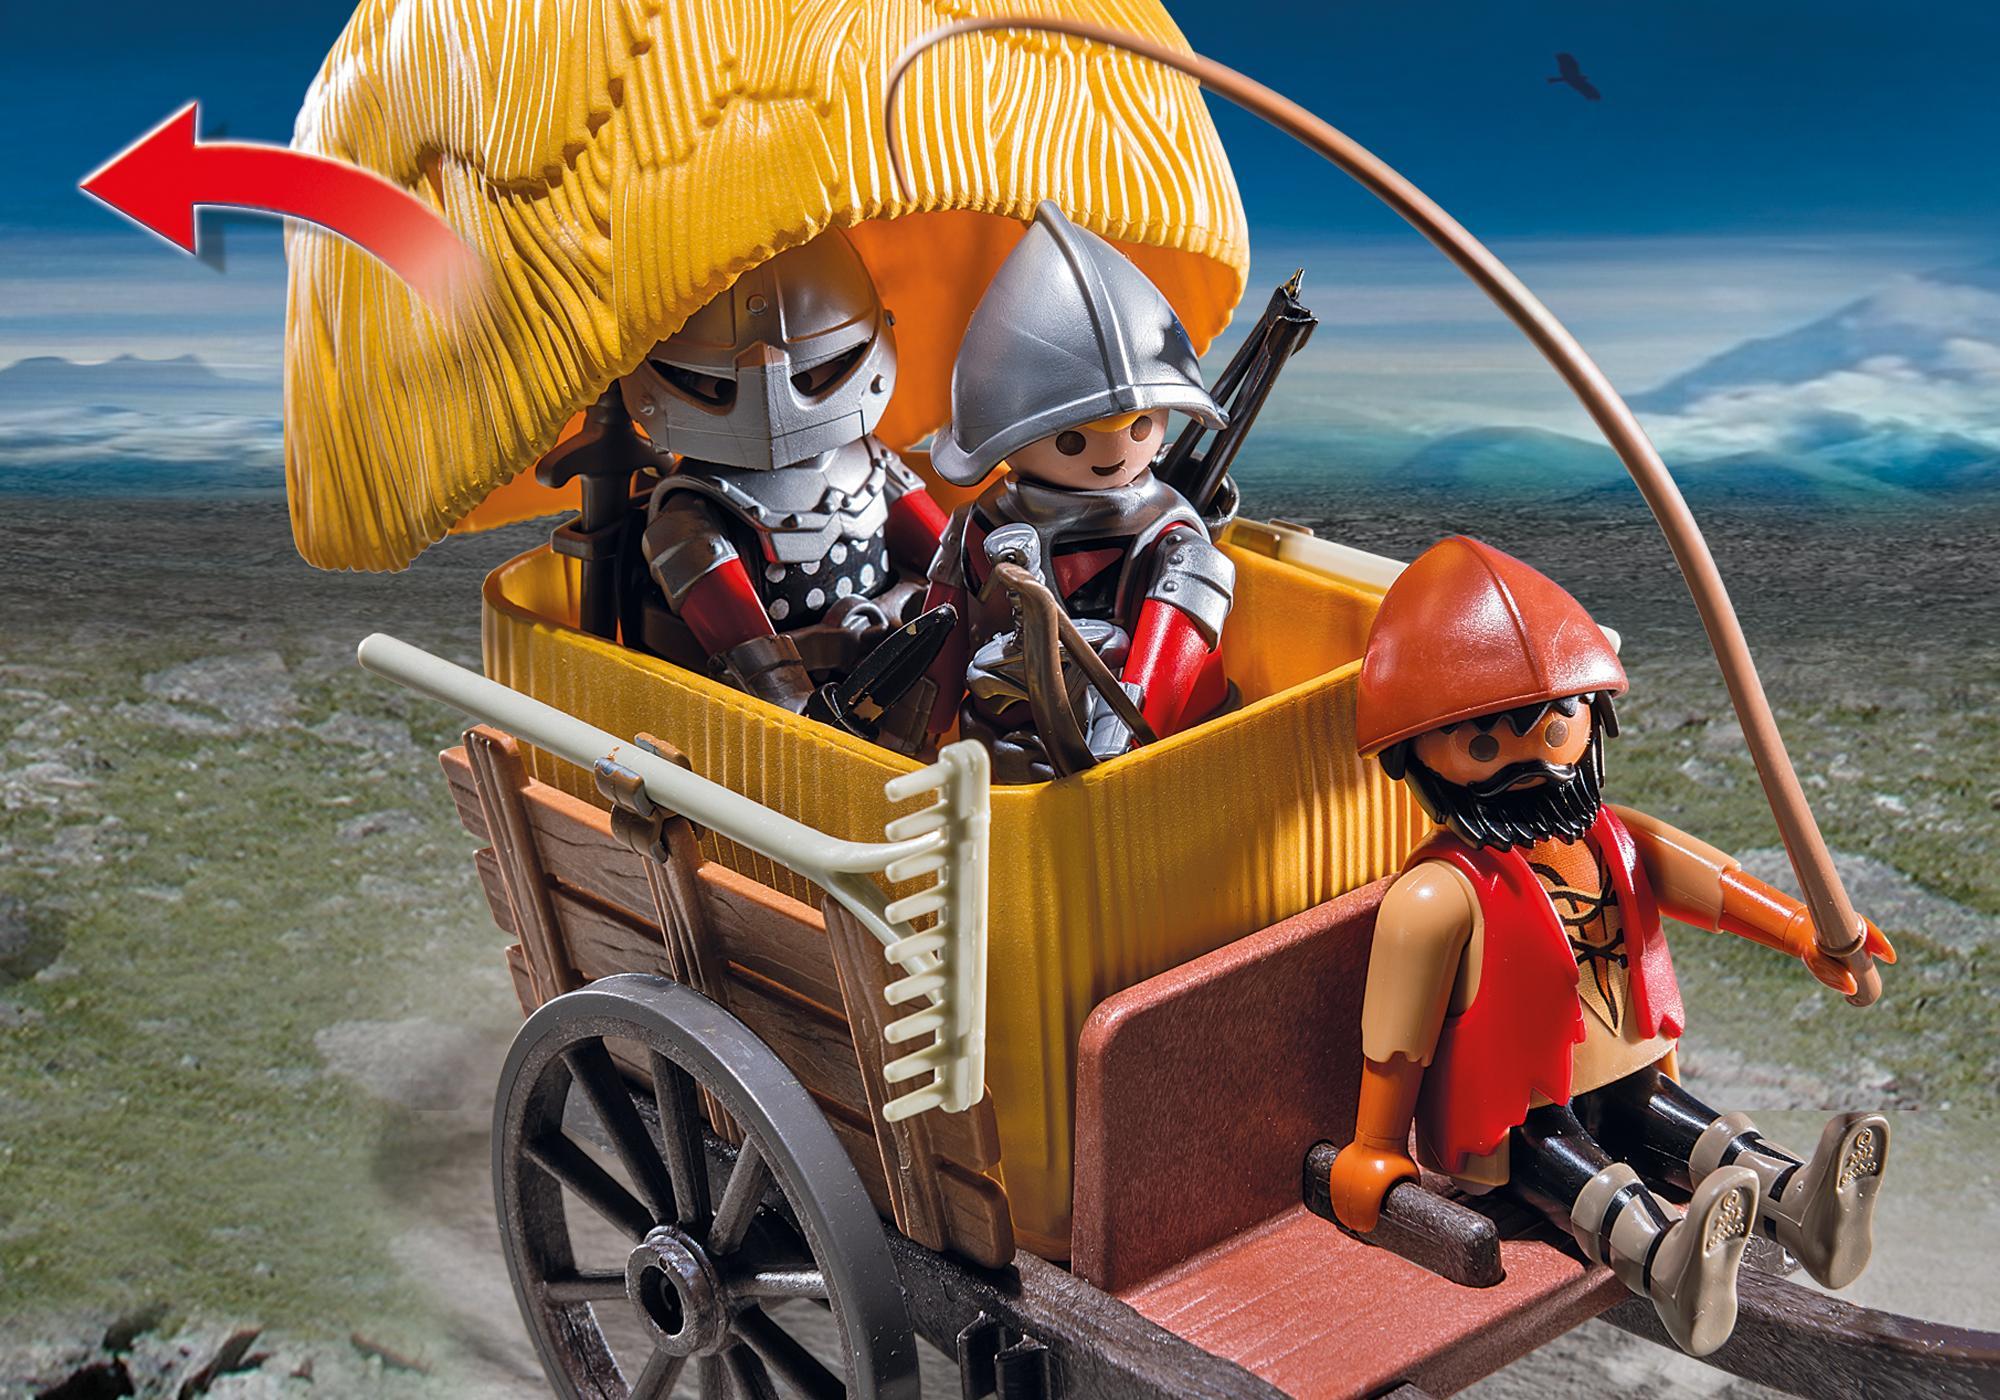 http://media.playmobil.com/i/playmobil/6005_product_extra3/Tarnkutsche der Falkenritter